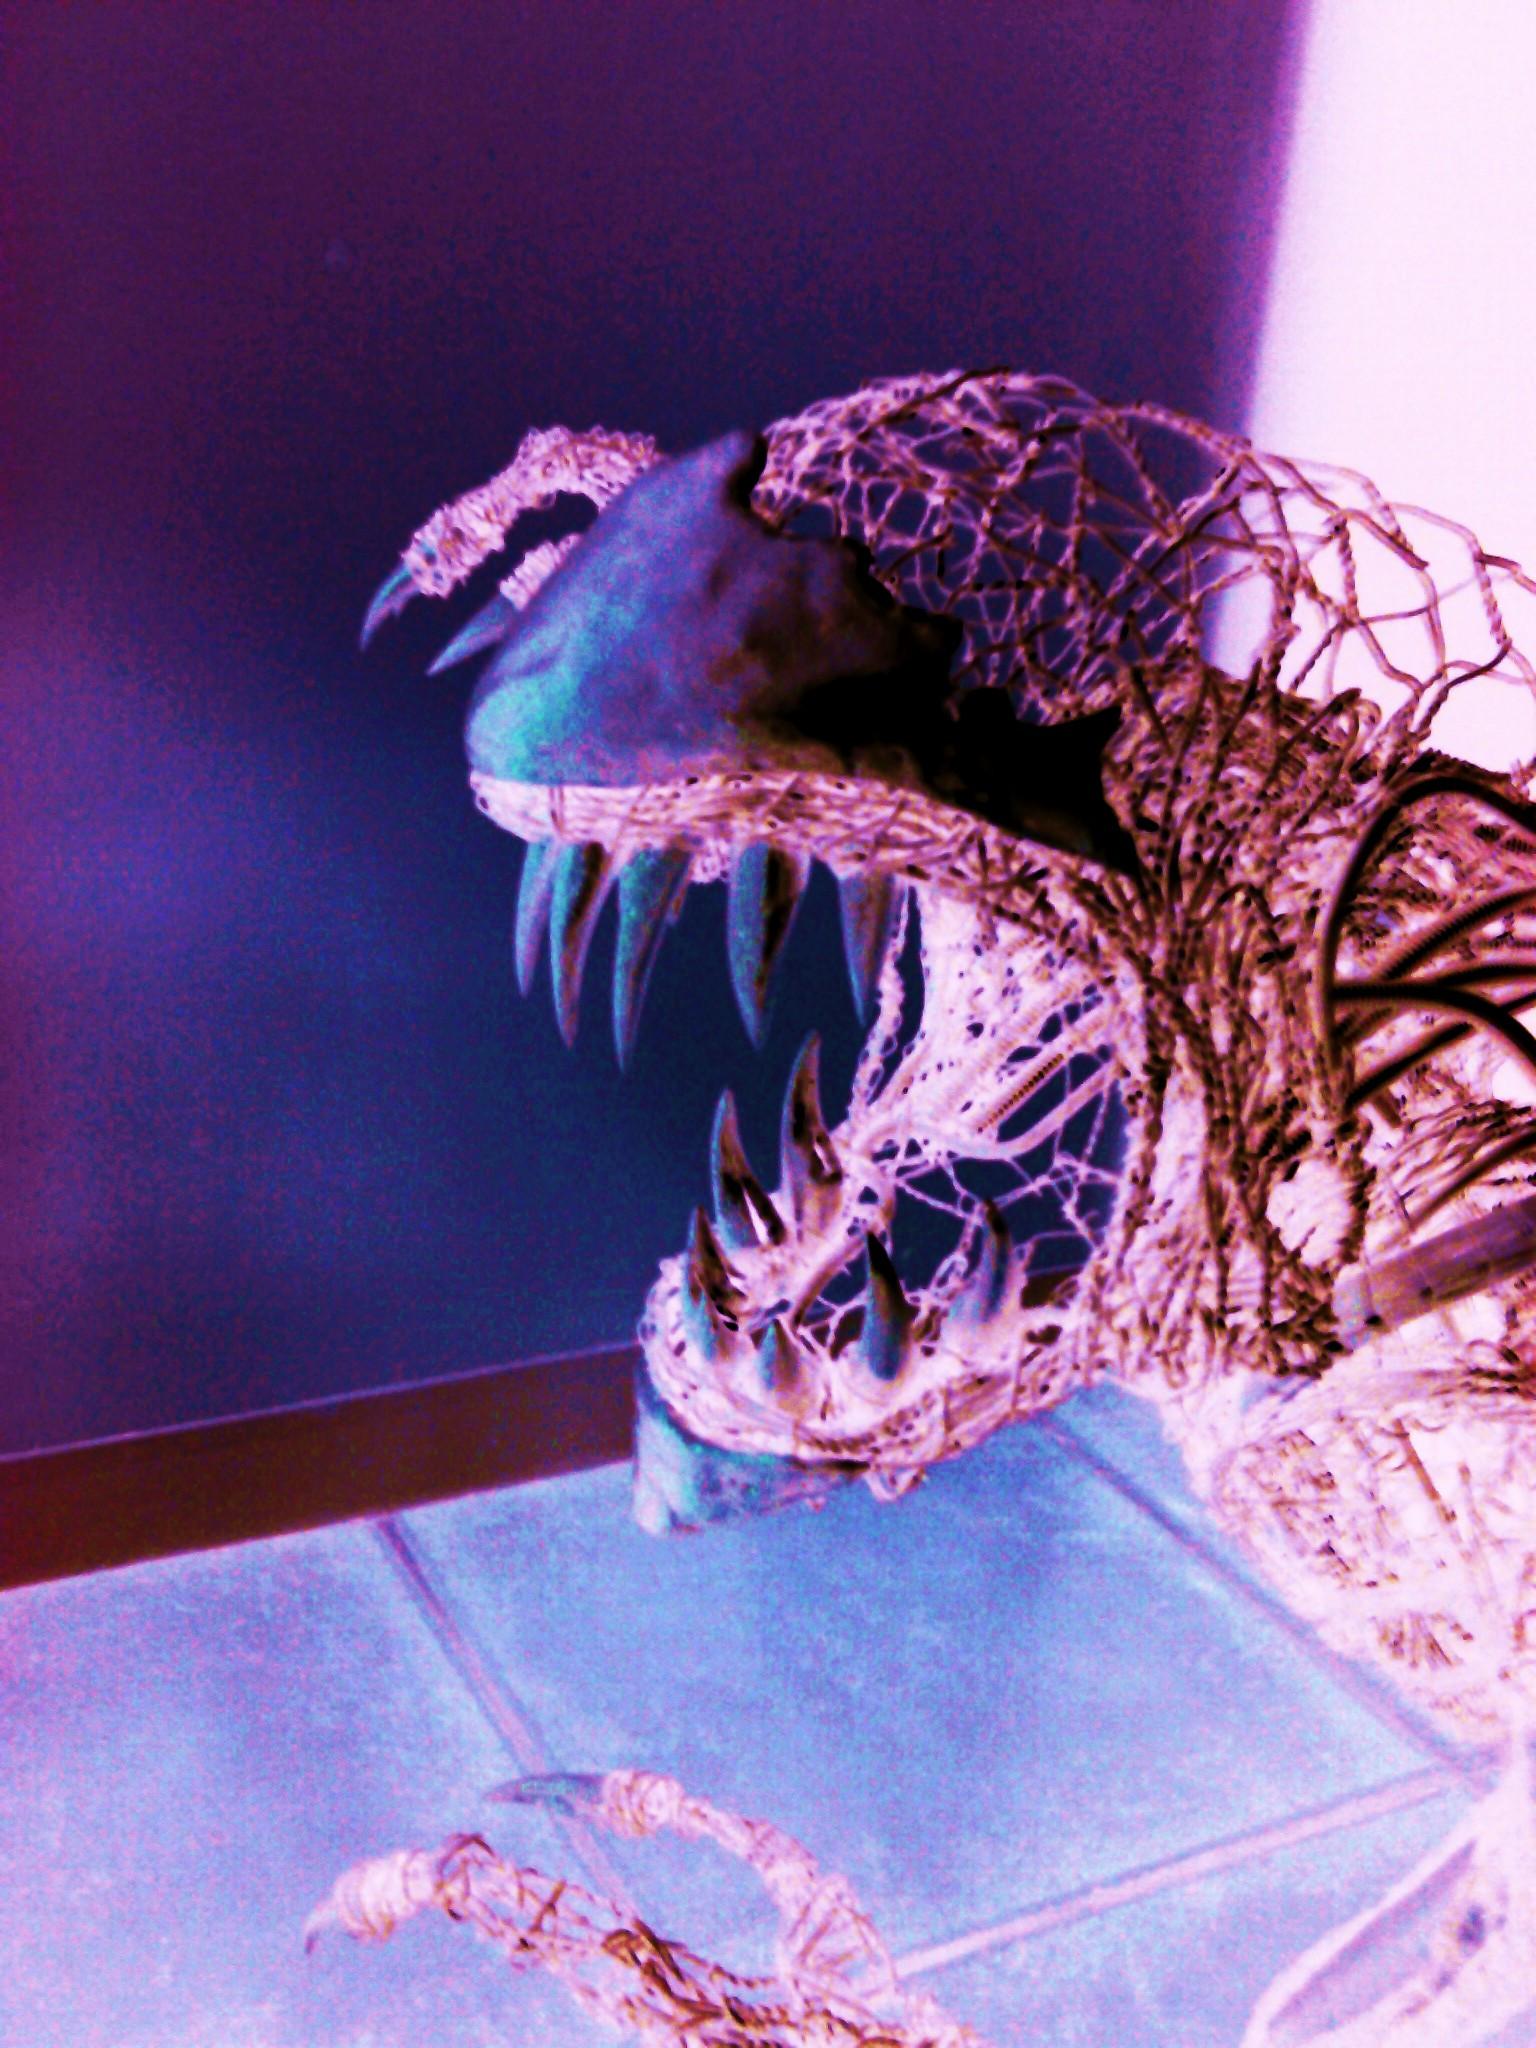 Alien sculpture update6 by braindeadmystuff